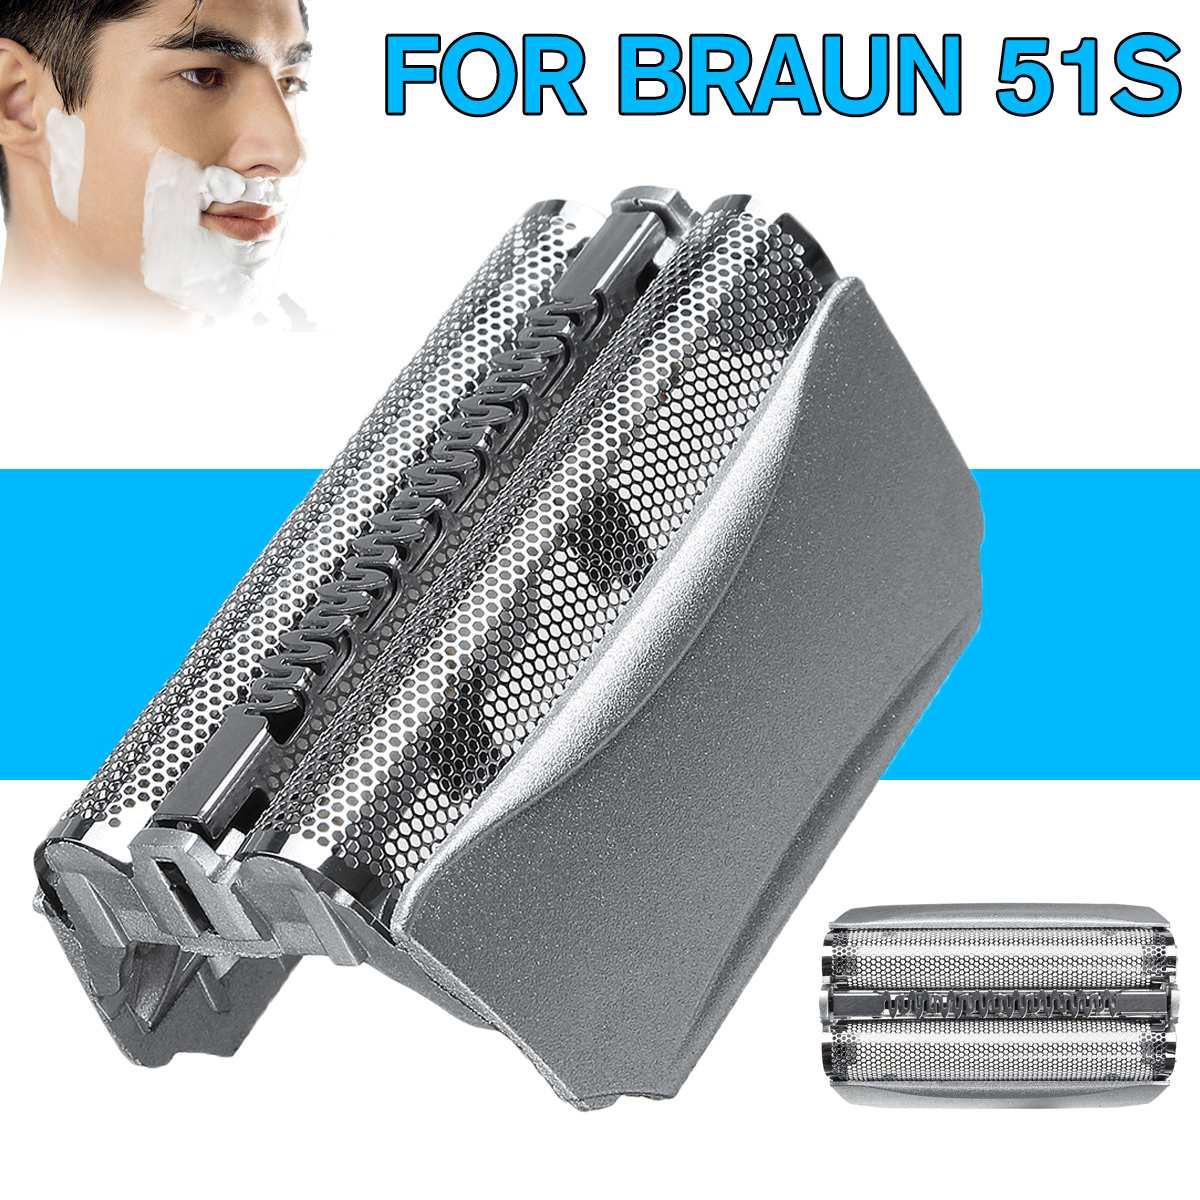 51S Folha Quadro Substituir cabeça para braun shaver 8000 série 5 Ativador fit 550 570cc 5643 5644 5645 8970 8975 8985 8986 8995